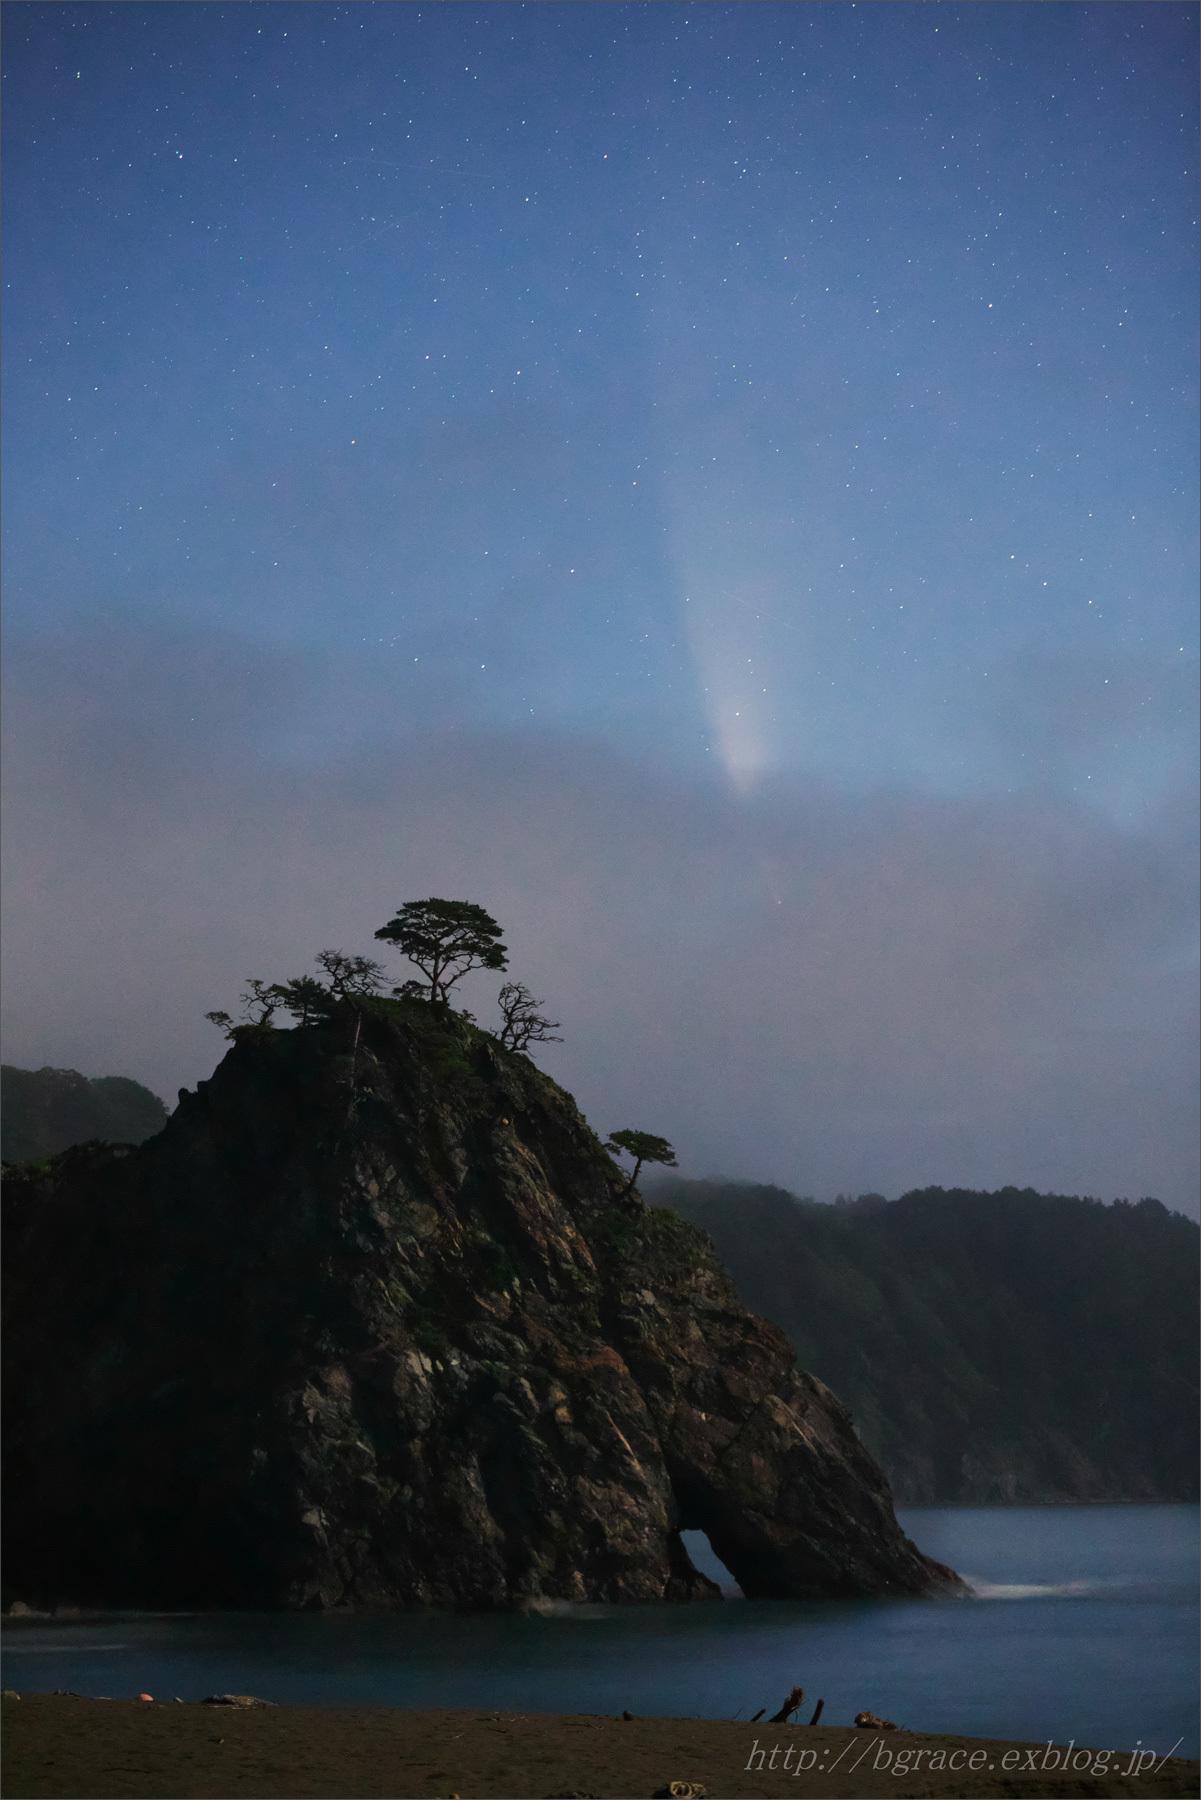 ネオワイズ彗星 (C/2020F3) 7月14日撮影 岩手県 Vol.2_b0191074_20175132.jpg